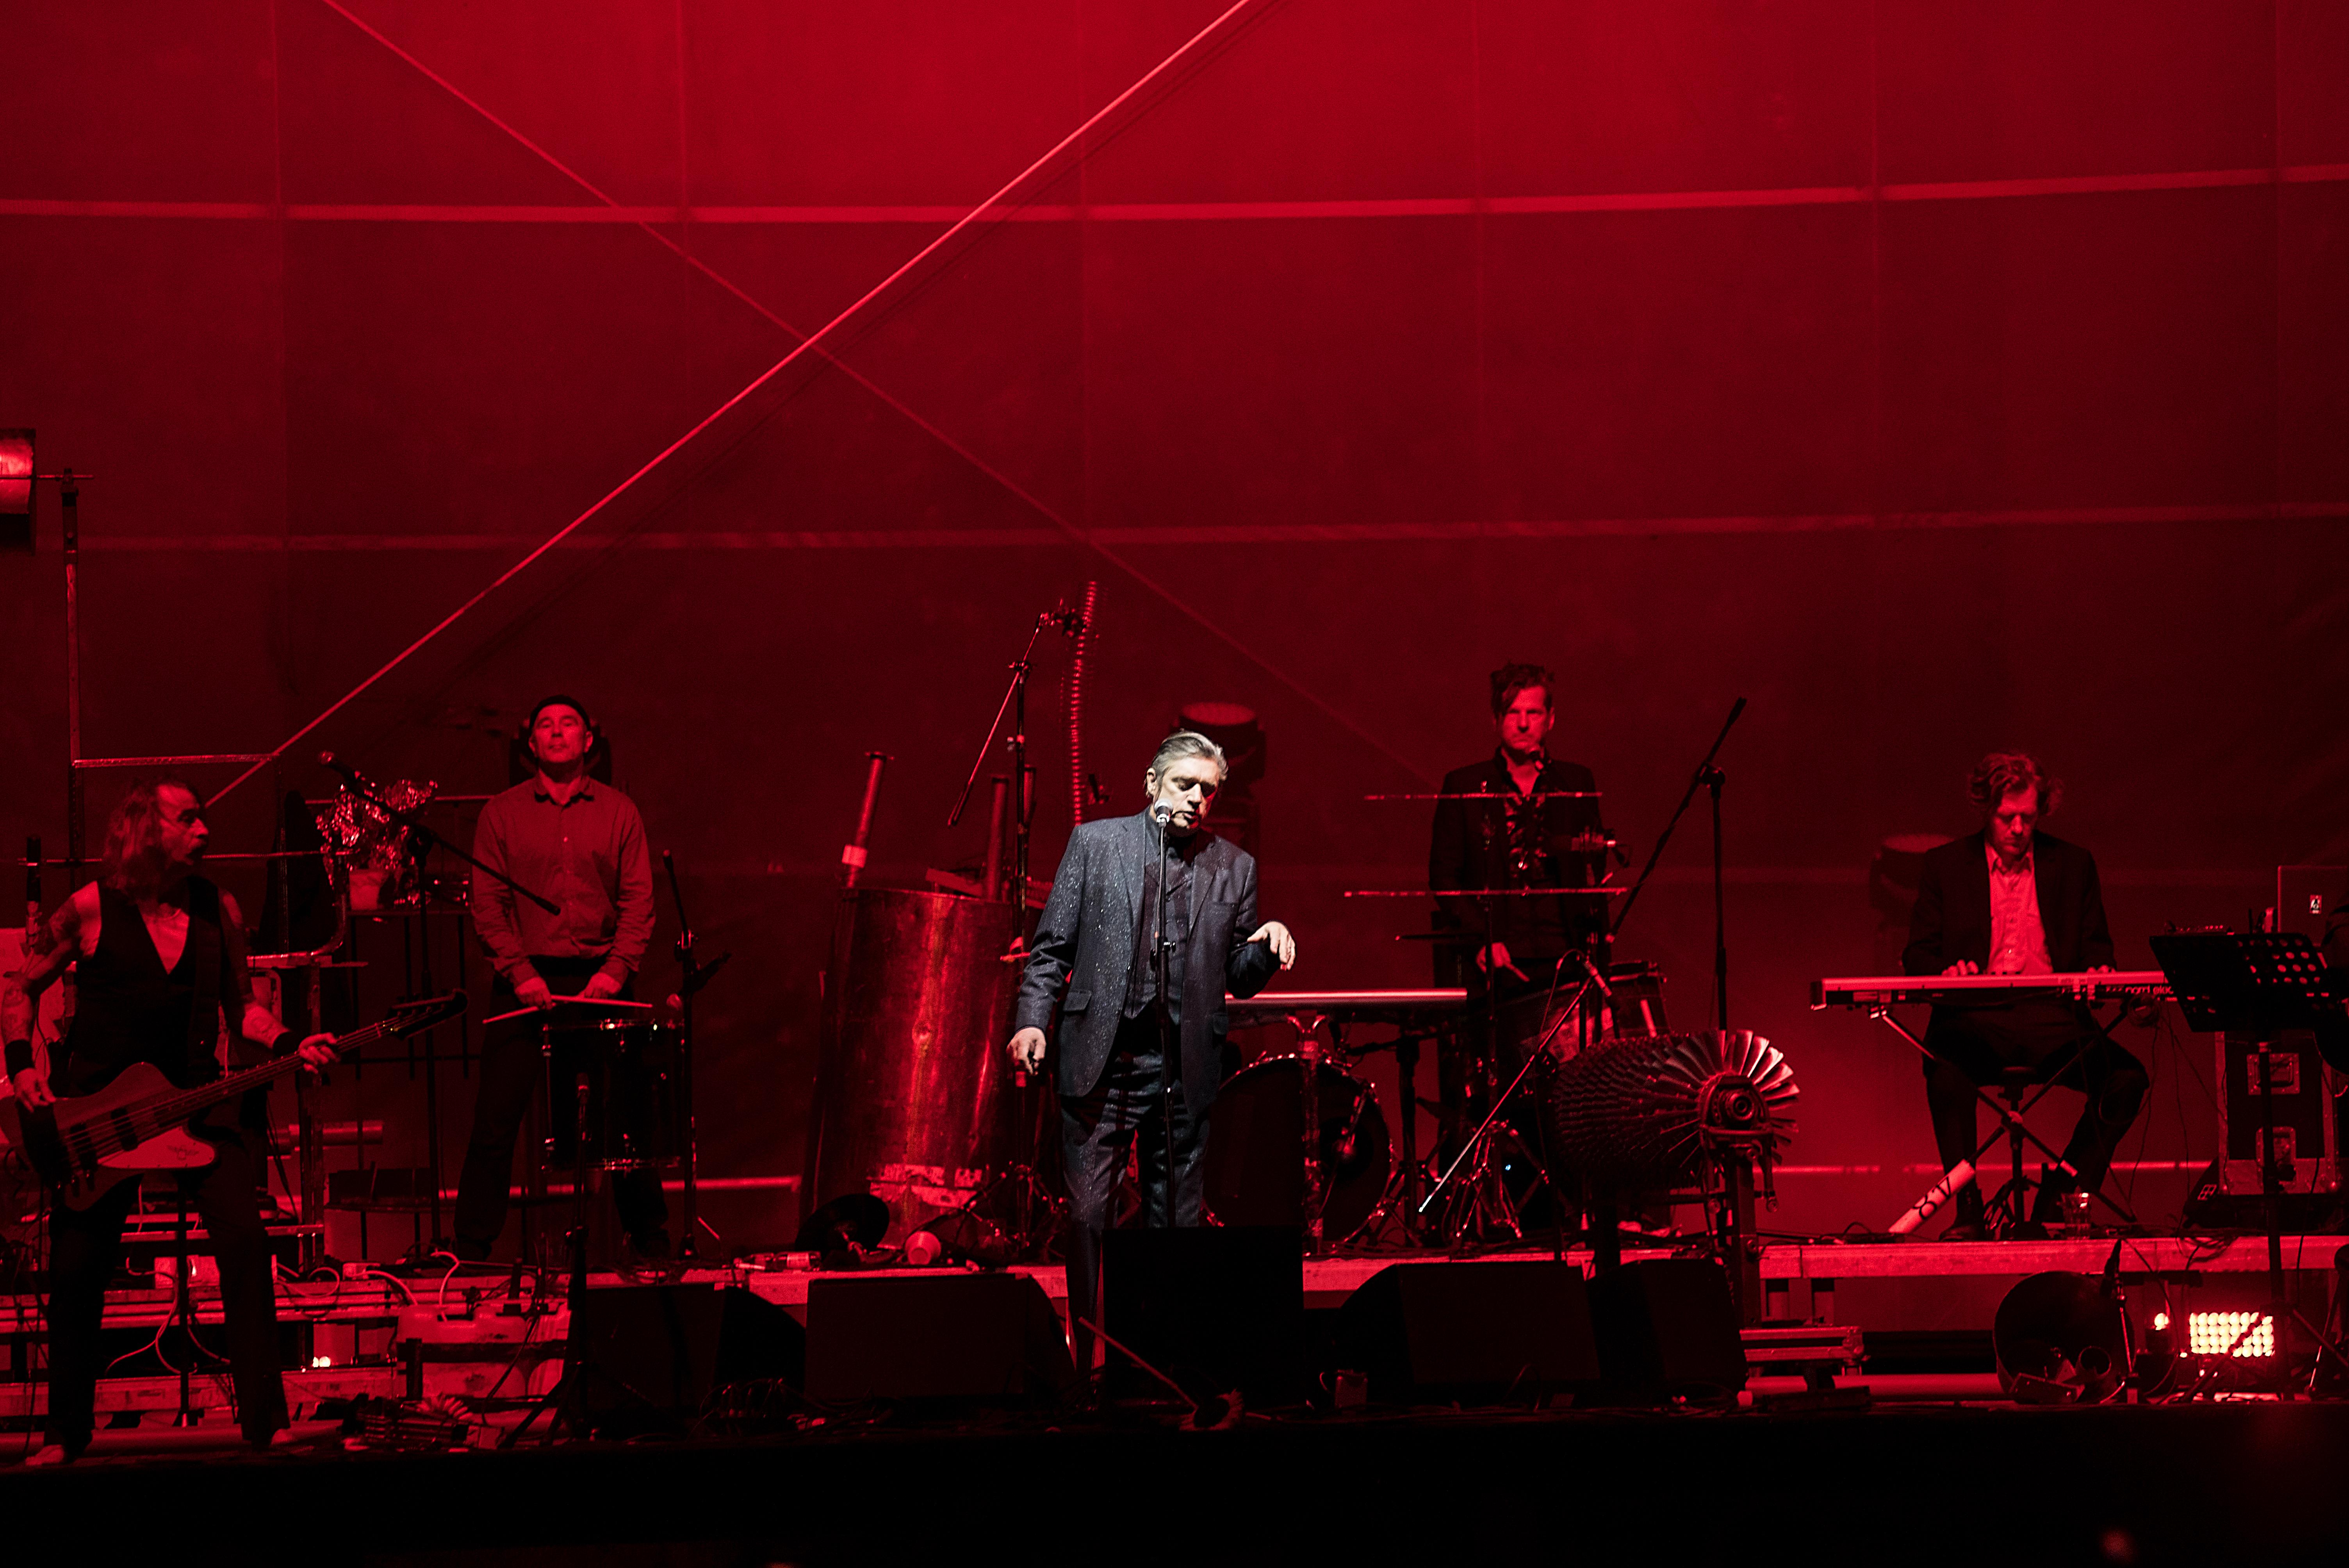 Ponownie zdjęcie z koncertu Einsturzende. Przedstawia ono wszystkich członków zespołu grających na instrumentach. Scena oświetlona jest na czerwono.